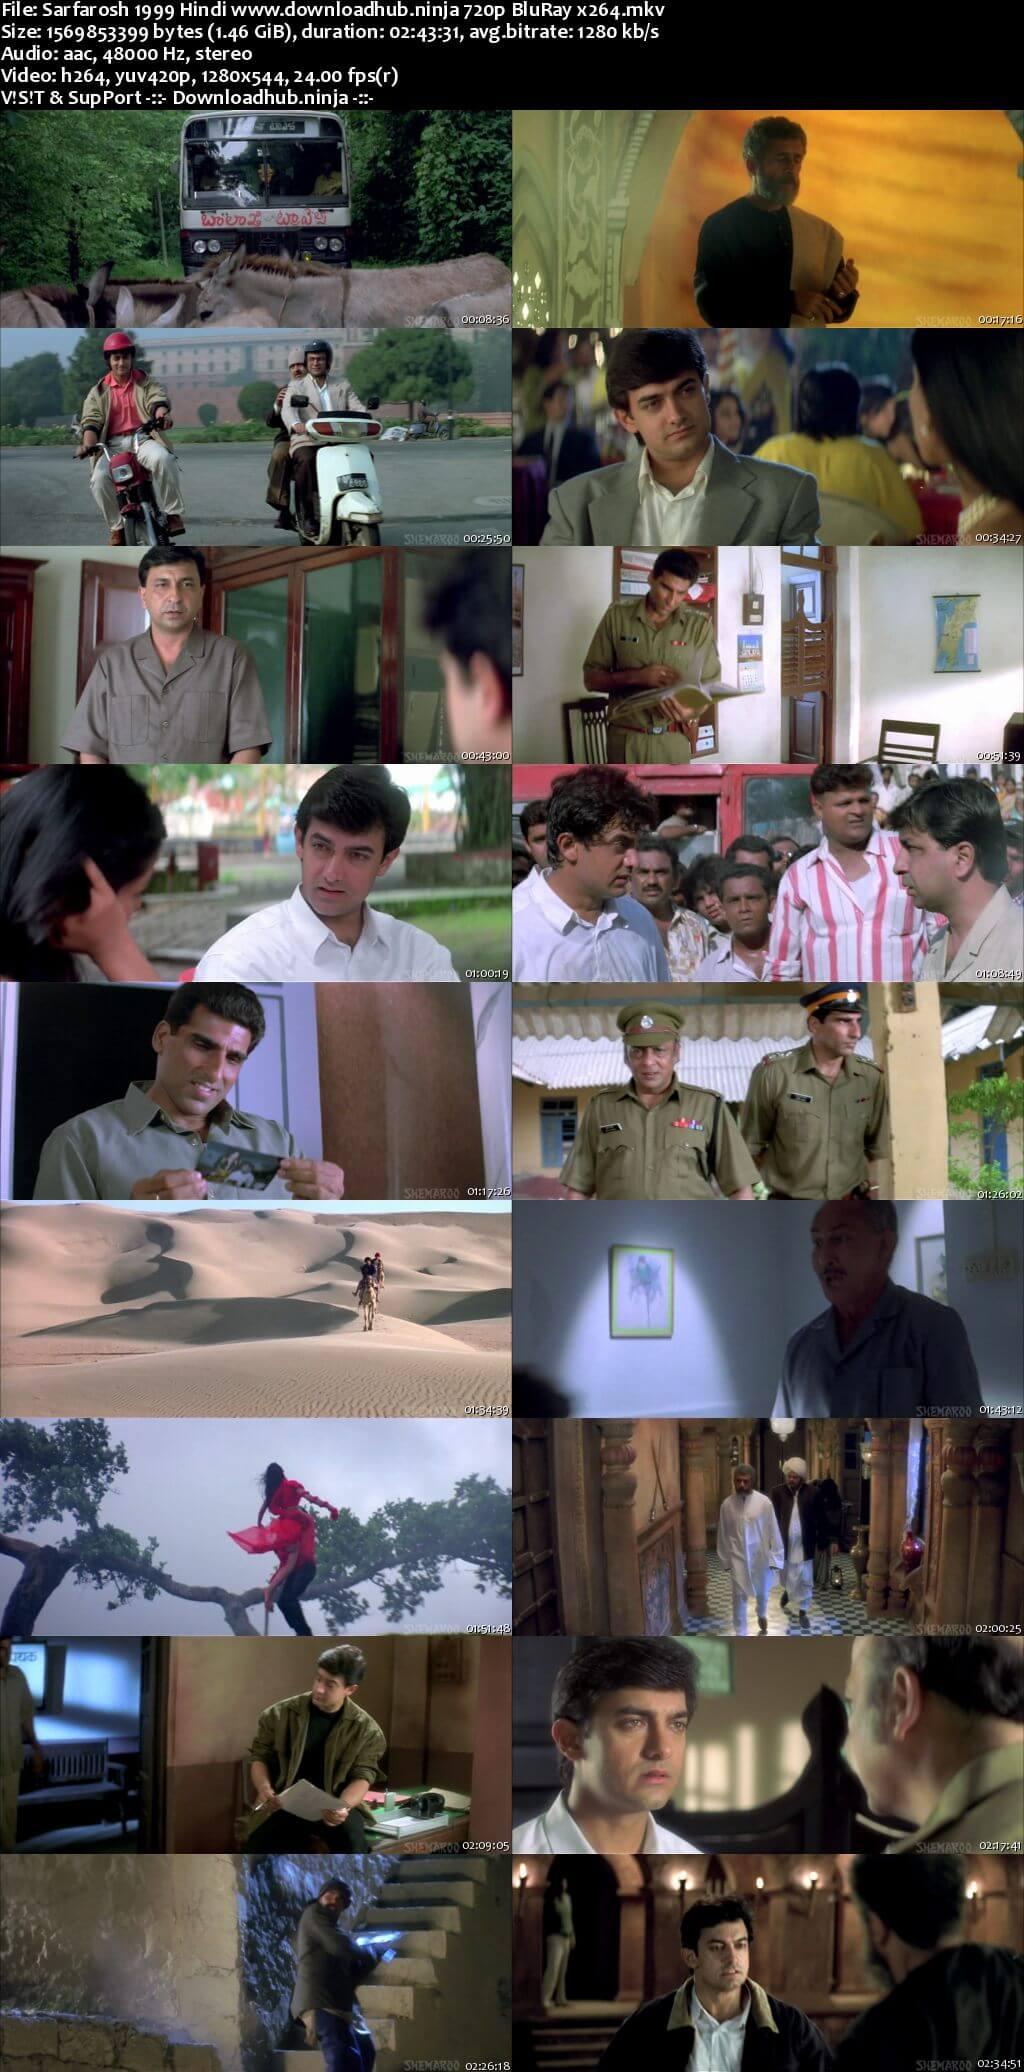 Sarfarosh 1999 Hindi 720p BluRay x264